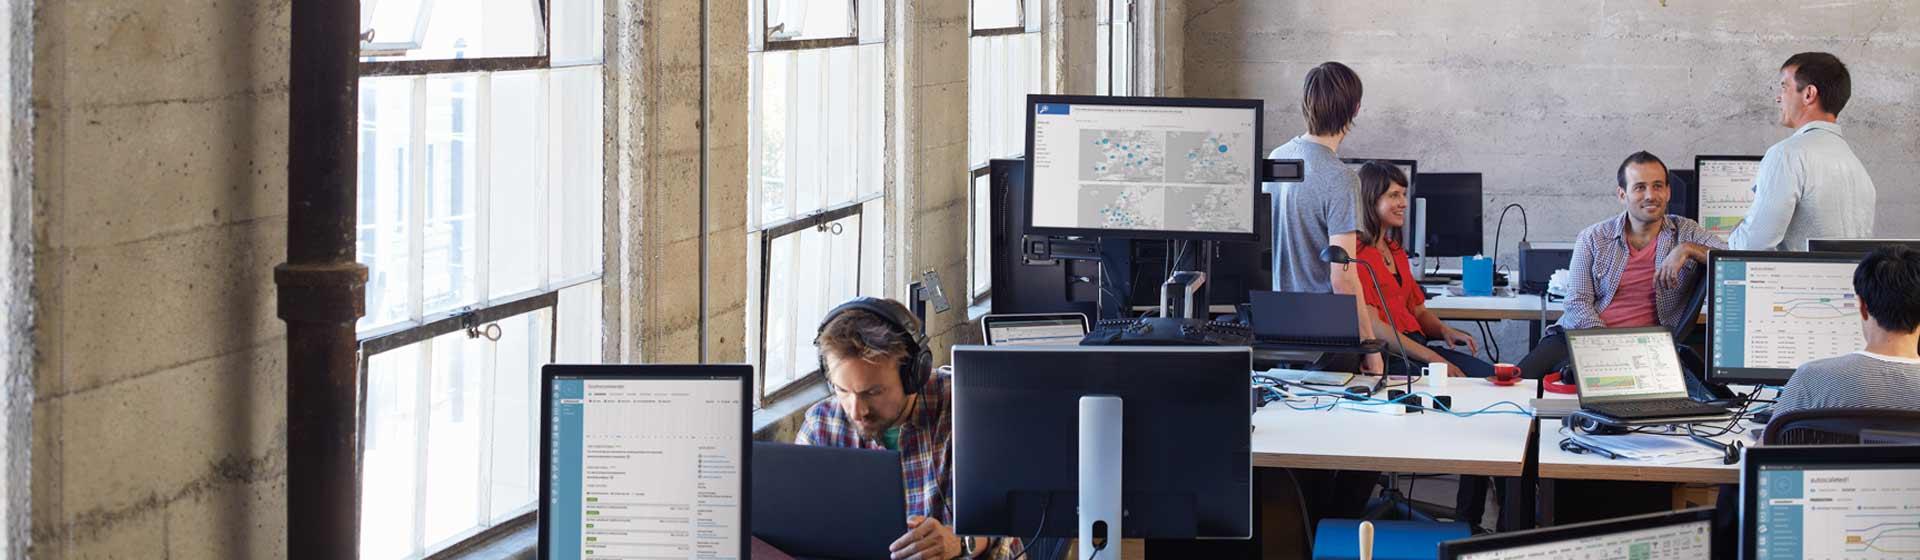 Rühm töötajaid istub ja seisab töölaudade ümber kontoris, mis on täis arvuteid, mille ekraanil on Office 365 rakenduste kuvad